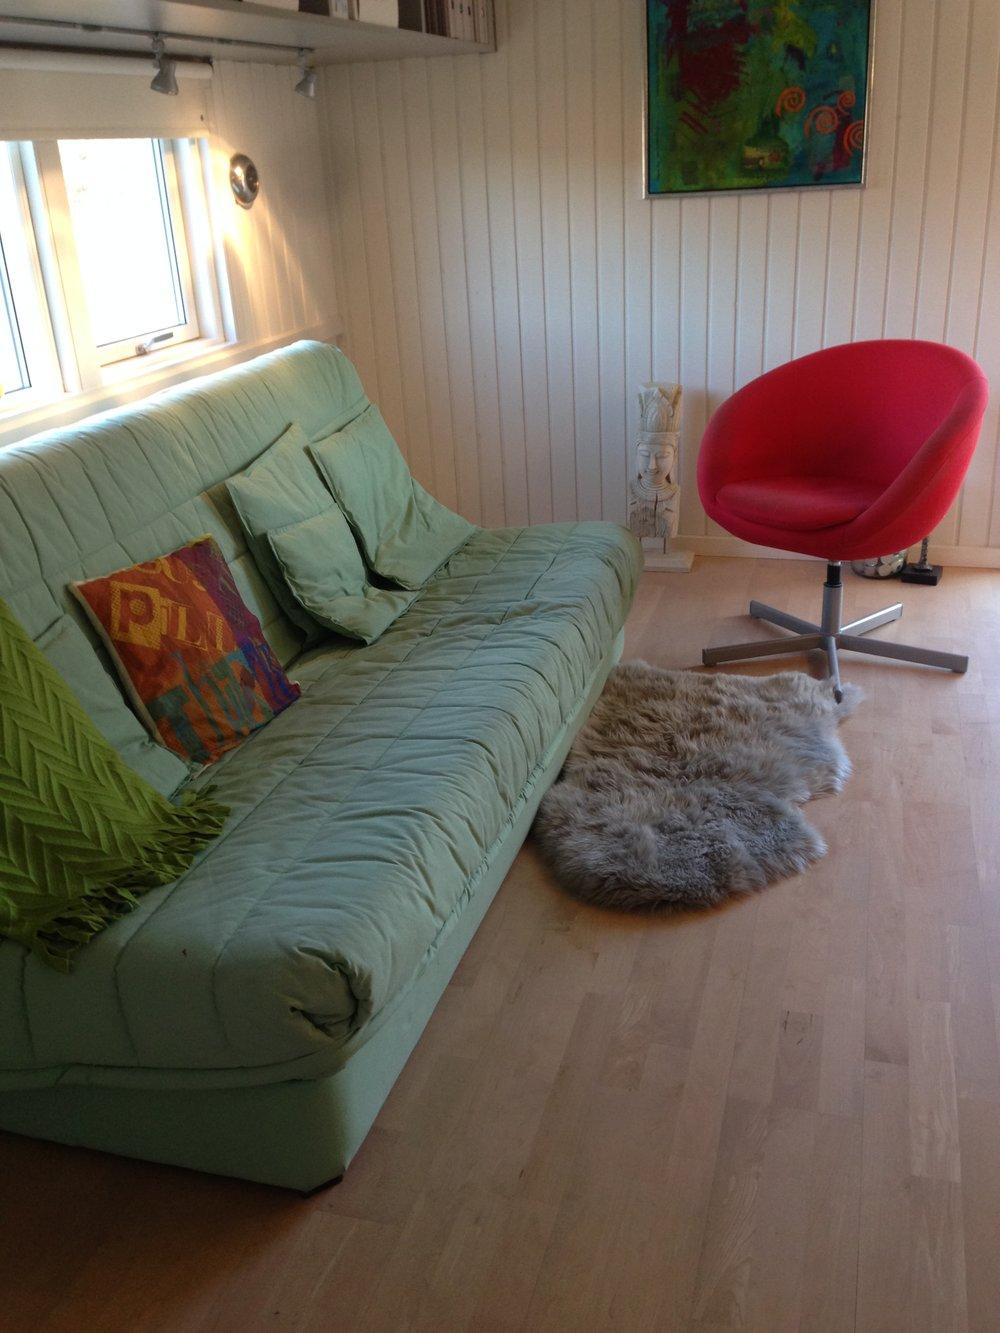 Et gæsteværelse er ofte fyldt med ting og møbler der er blevet tilovers fra et andet rum.